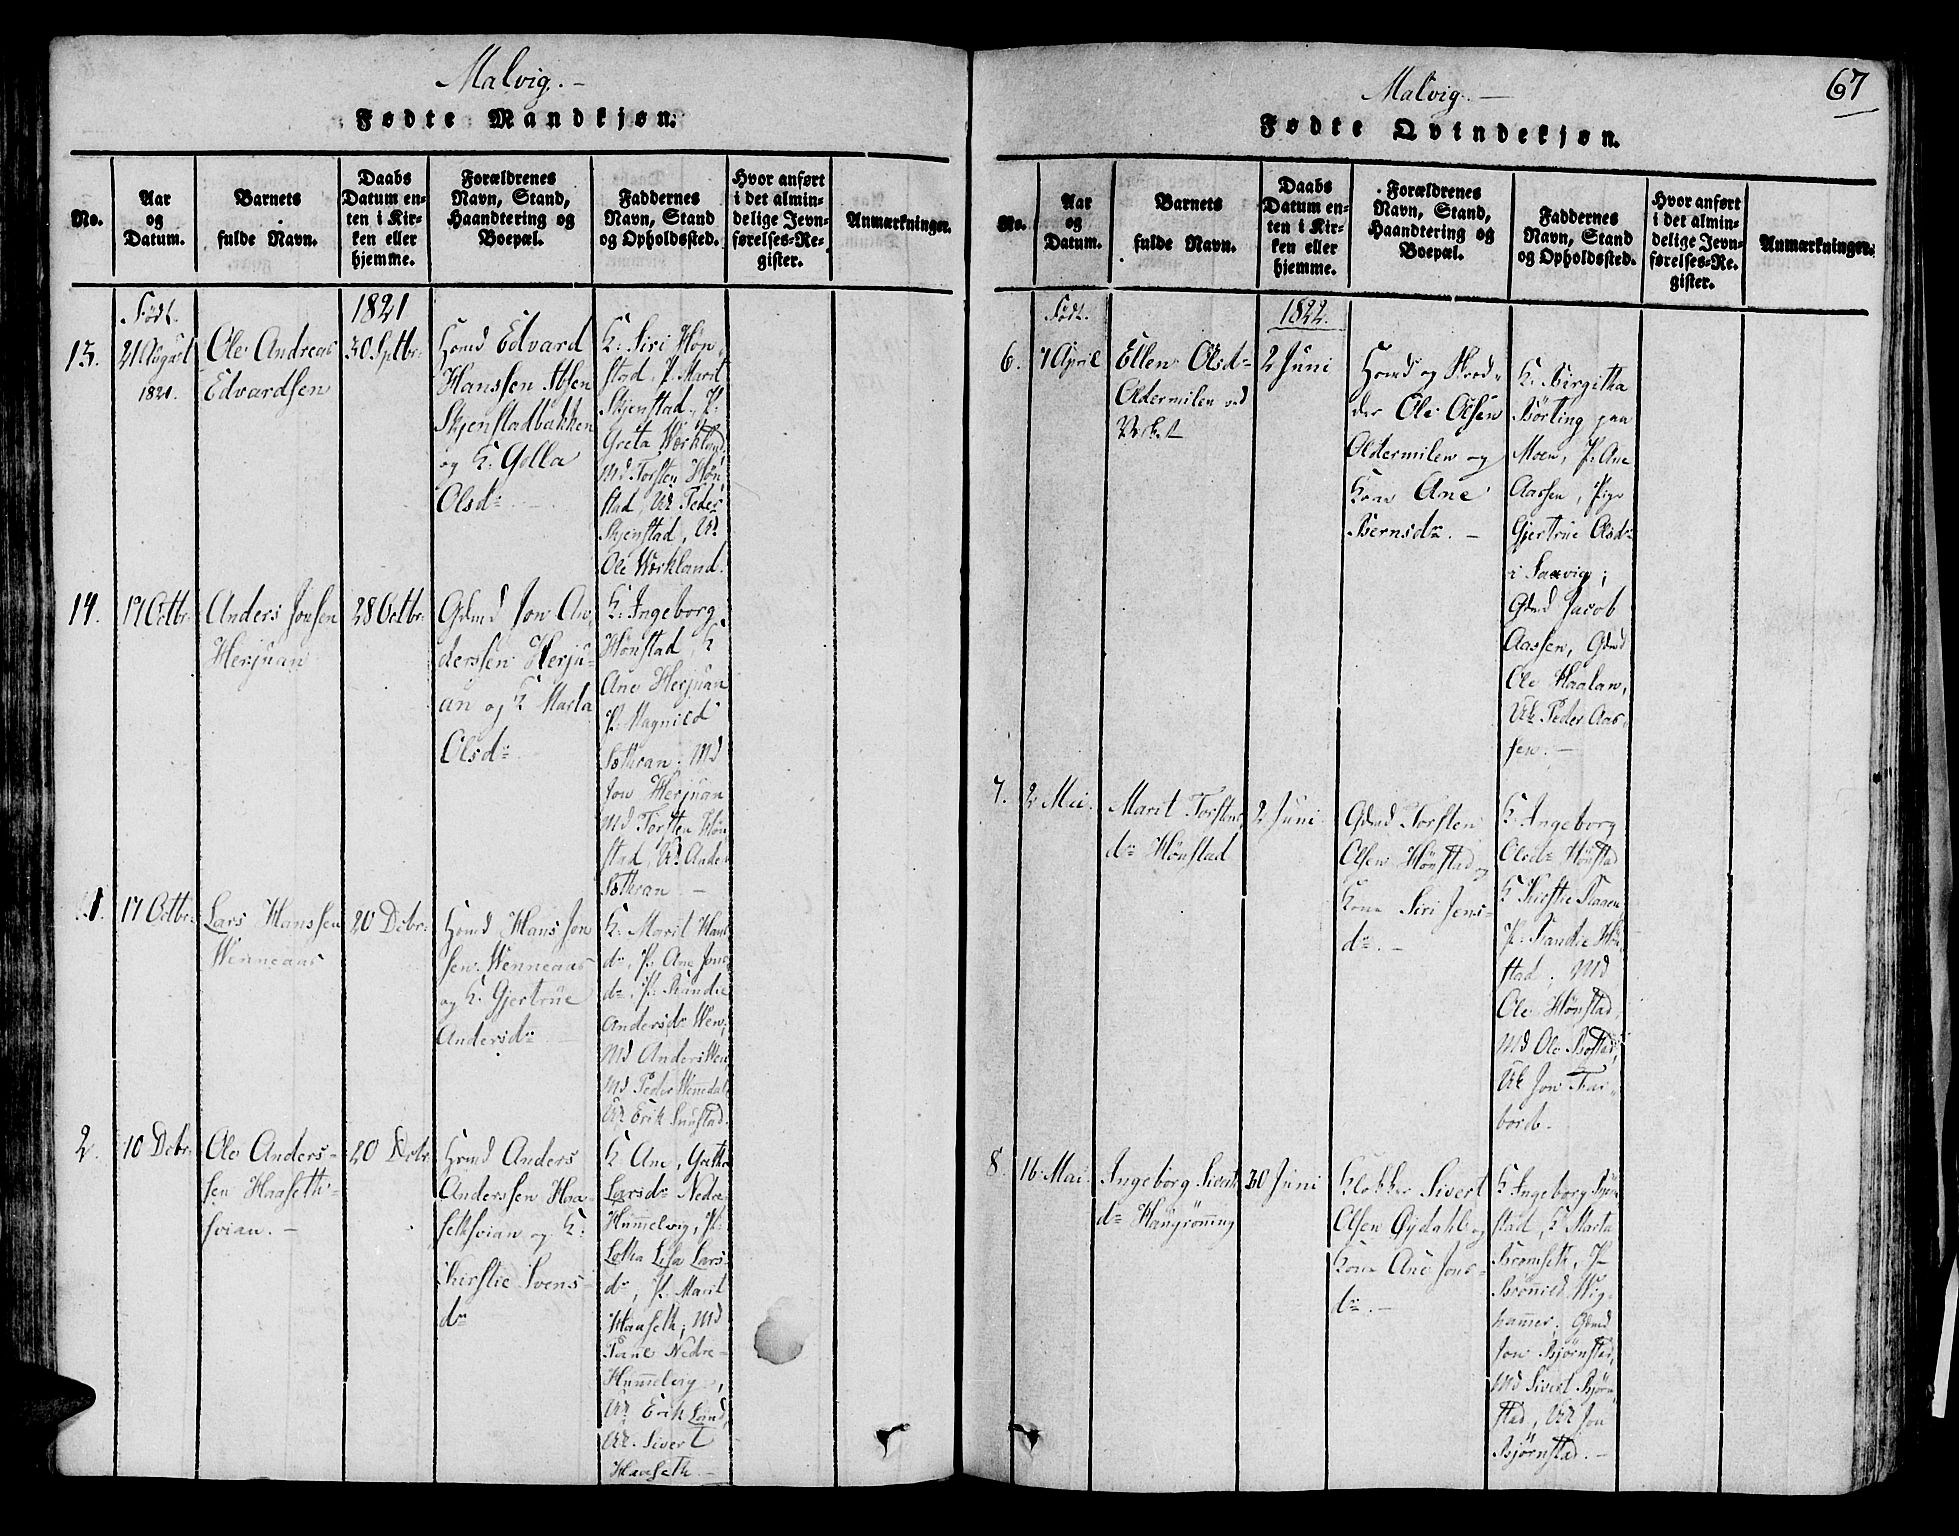 SAT, Ministerialprotokoller, klokkerbøker og fødselsregistre - Sør-Trøndelag, 606/L0284: Ministerialbok nr. 606A03 /2, 1819-1823, s. 67